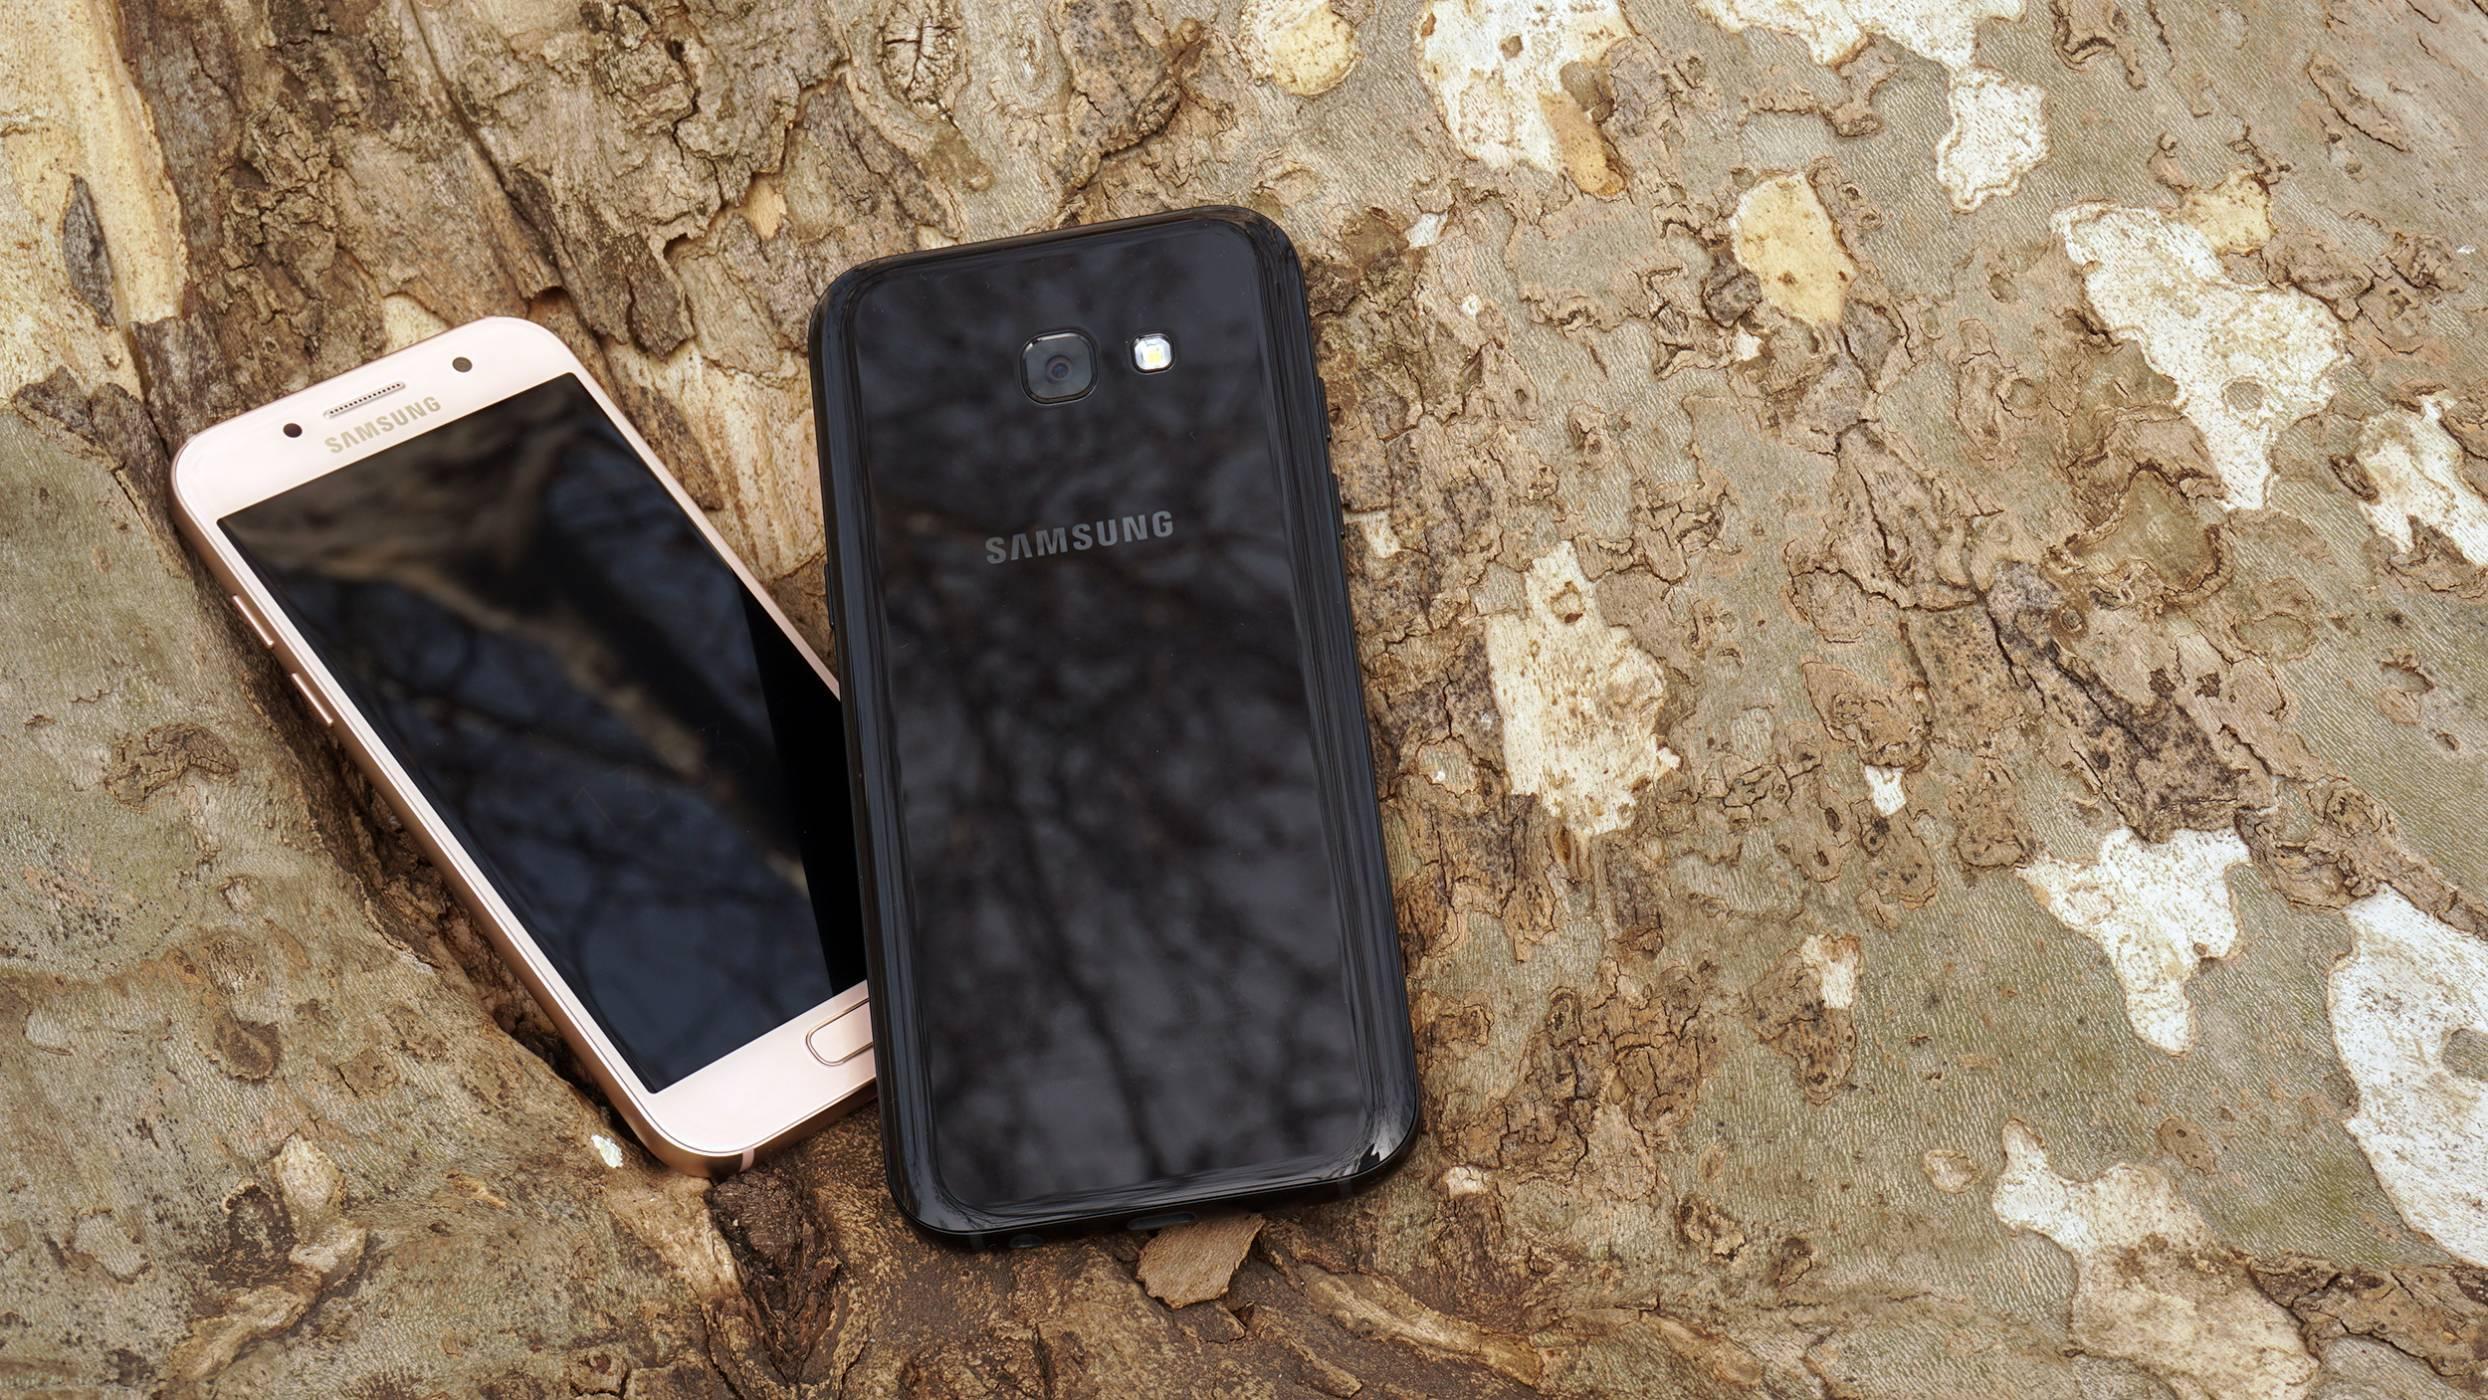 Samsung Galaxy A5/Galaxy A3 2017: среден клас с ДНК на флагман